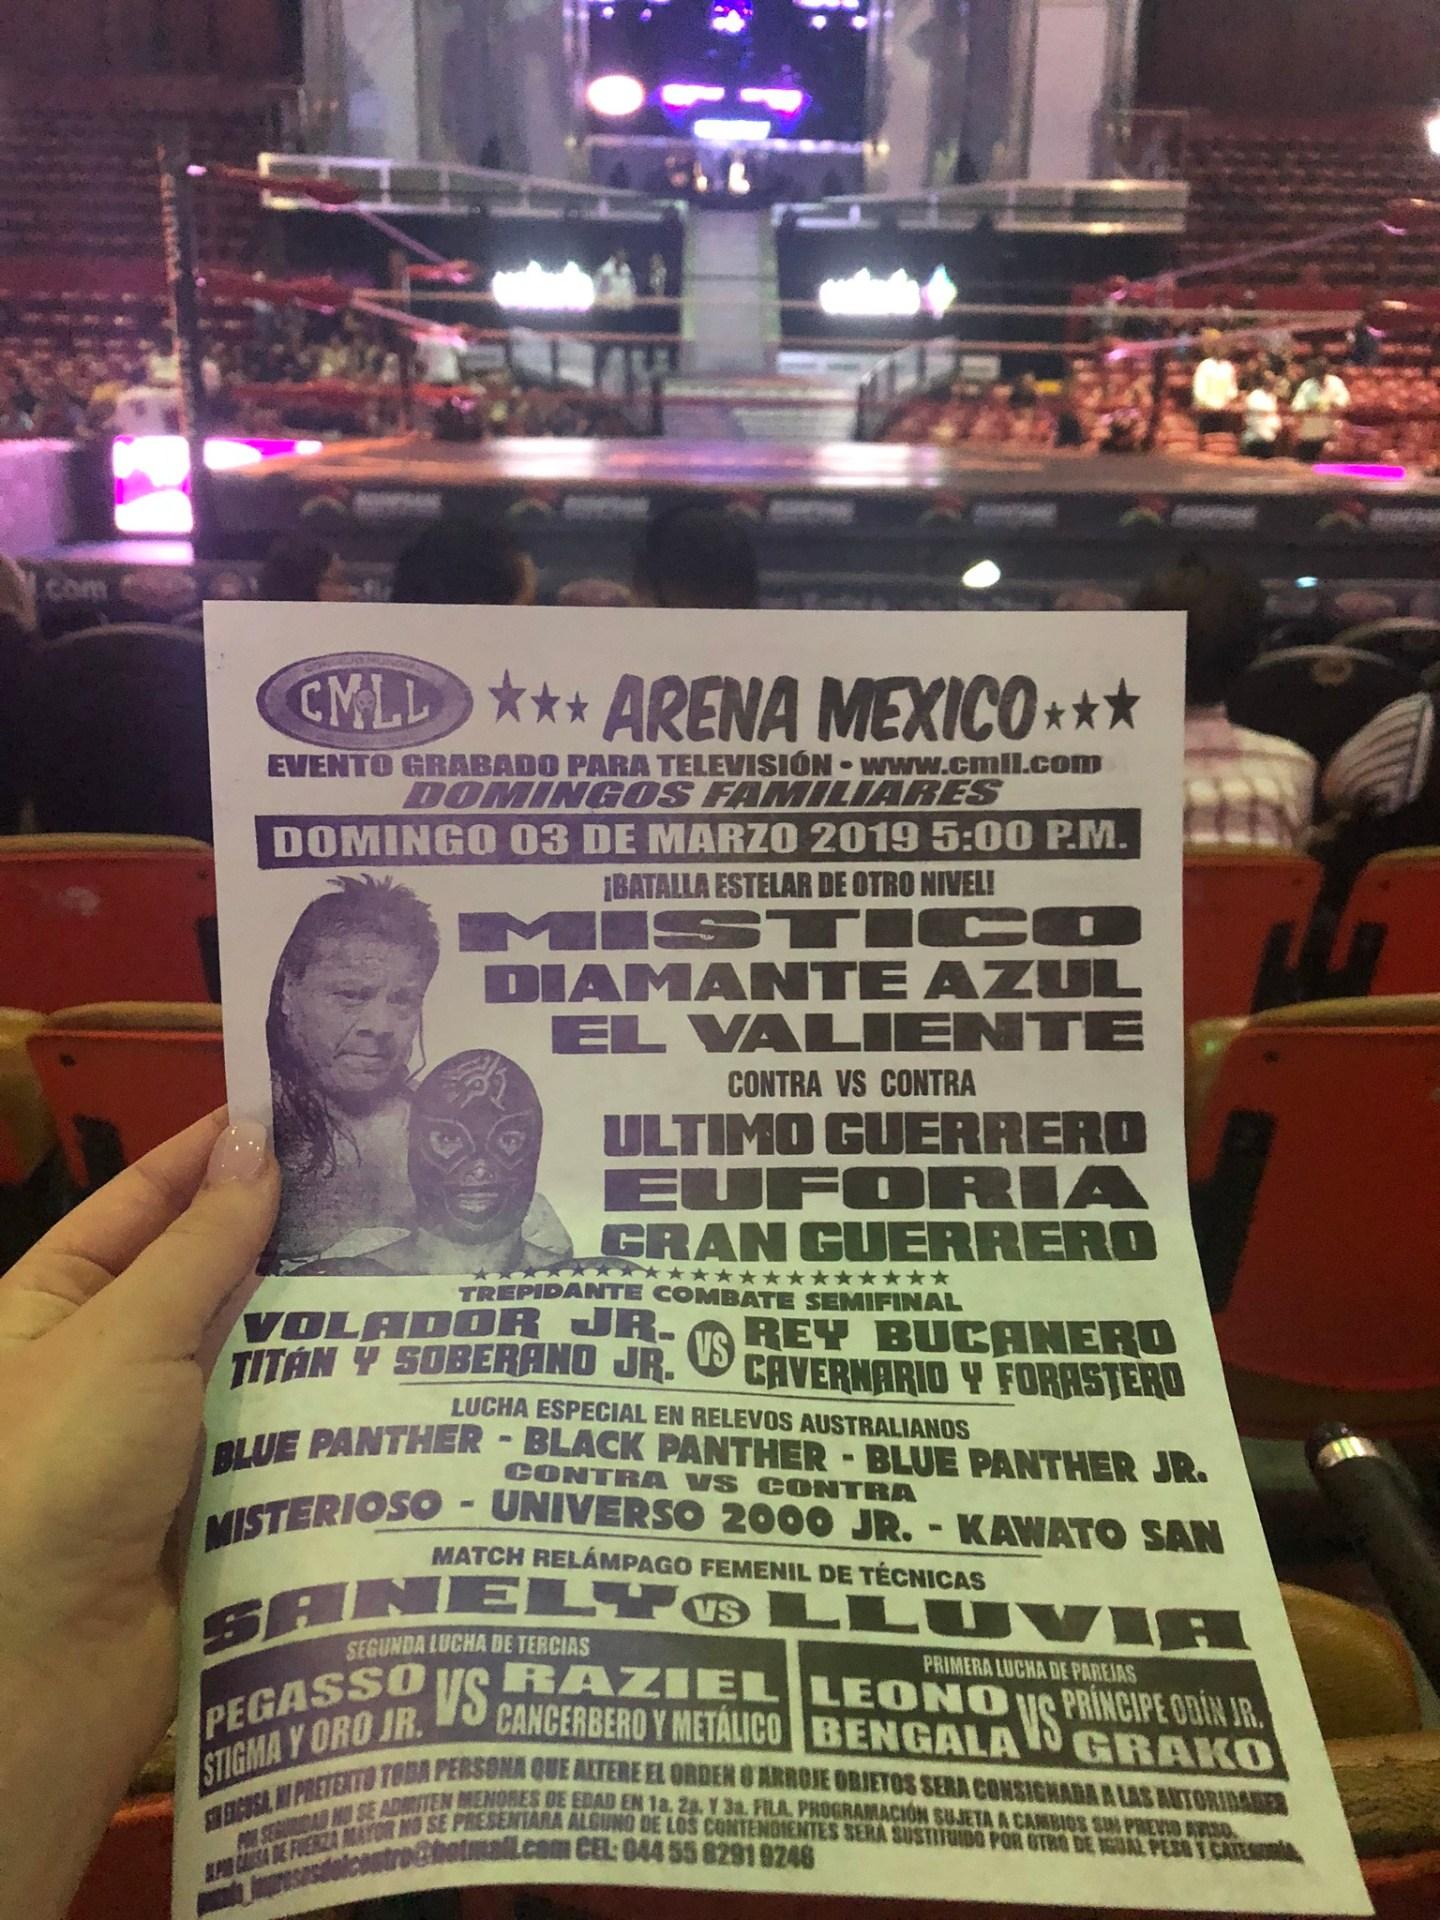 Lucha libre, Mexico City